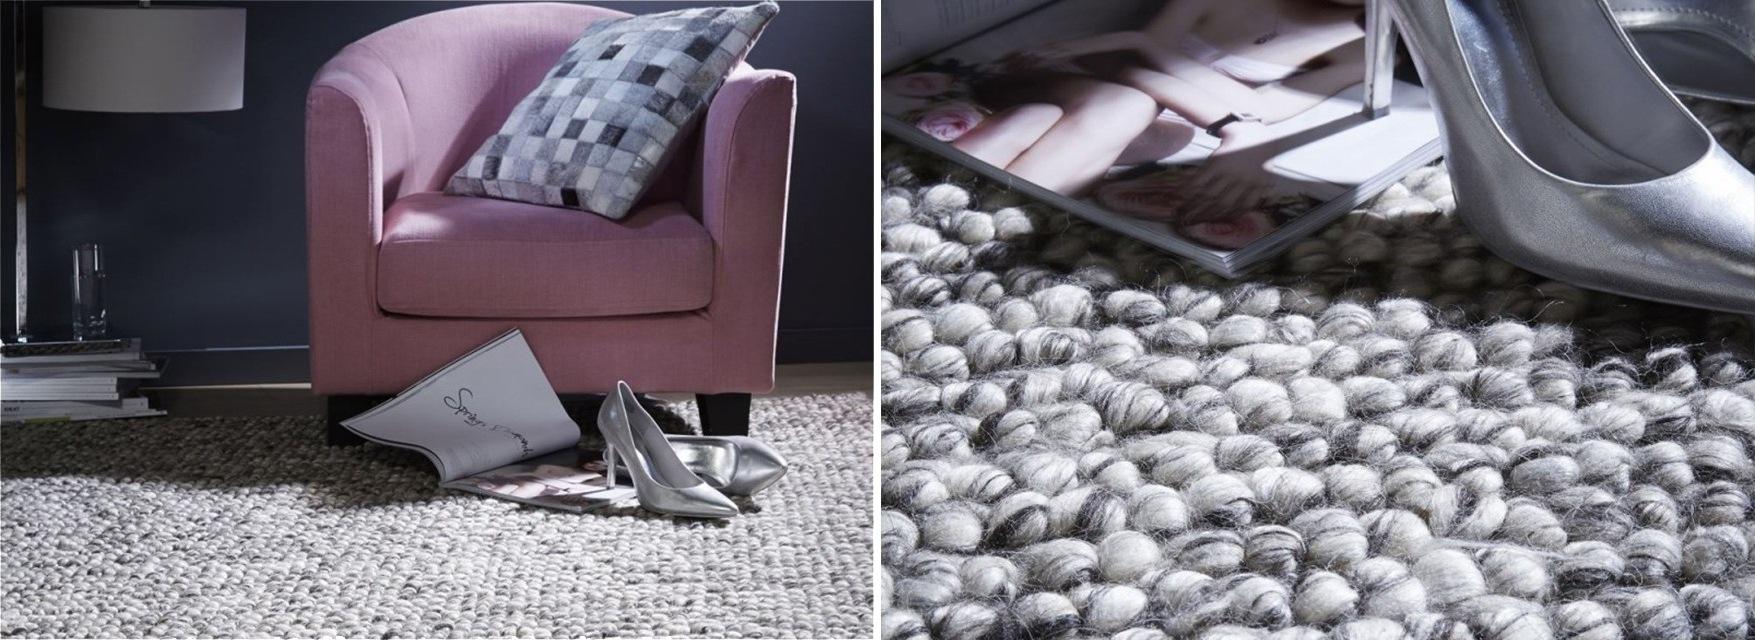 Tapis régal en laine à grosse maille pour tenir chaud et isoler du sol